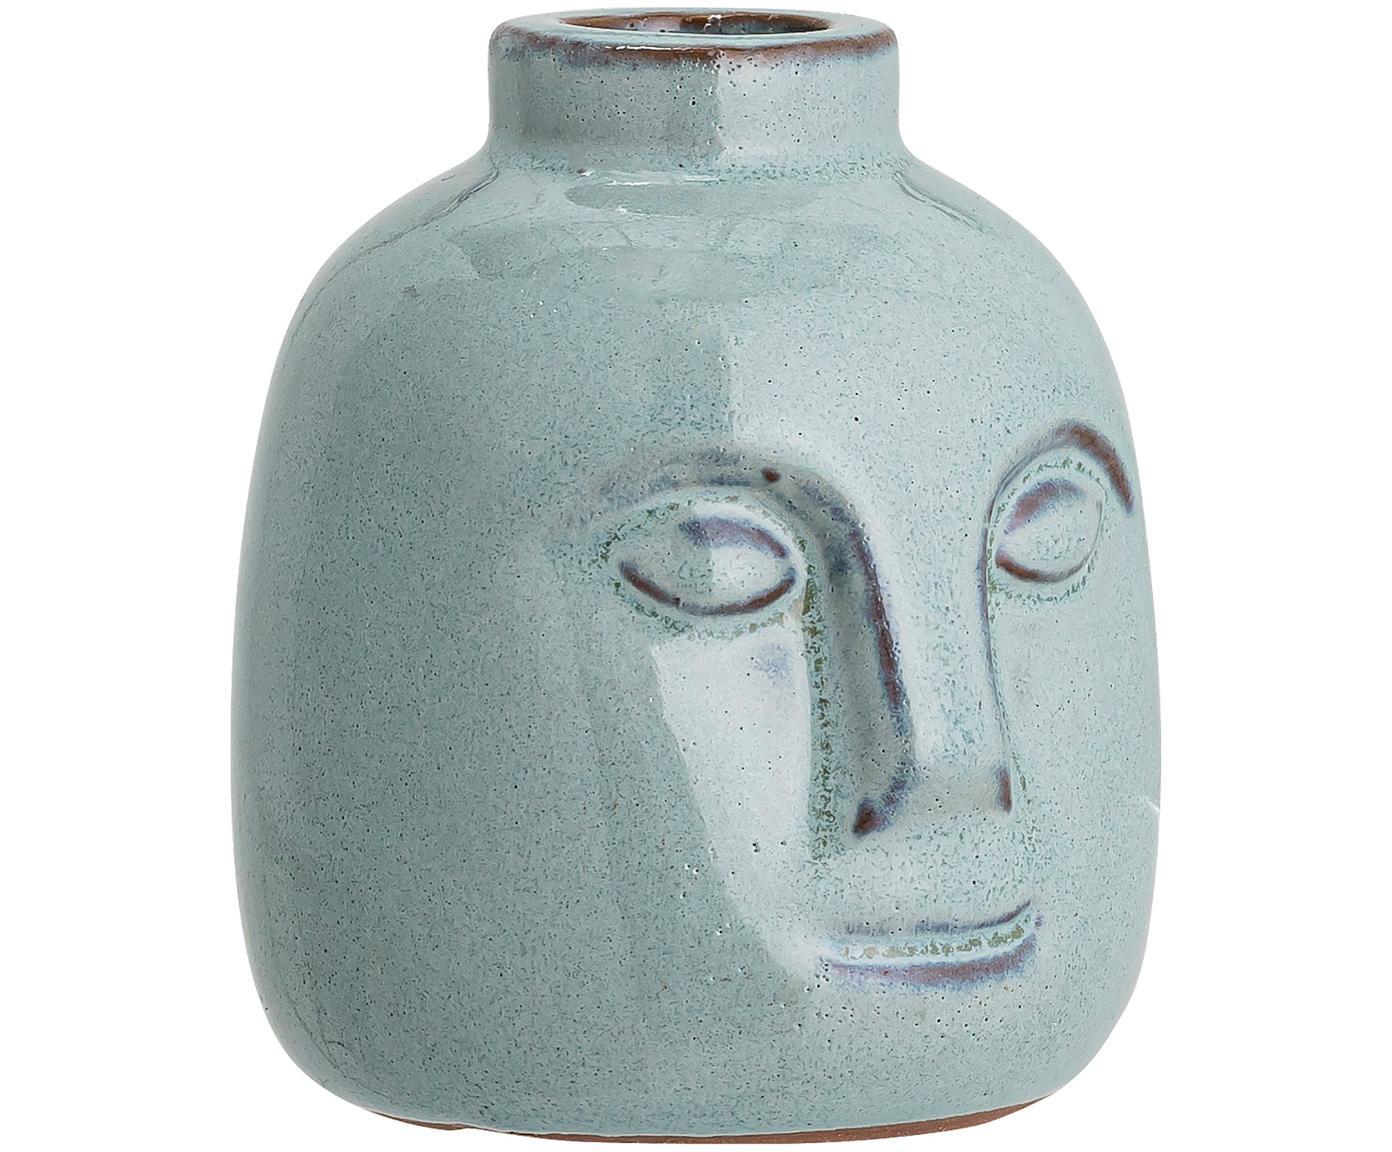 Candelabro artesanal Brit, Gres, Azul, Ø 9 x Al 9 cm